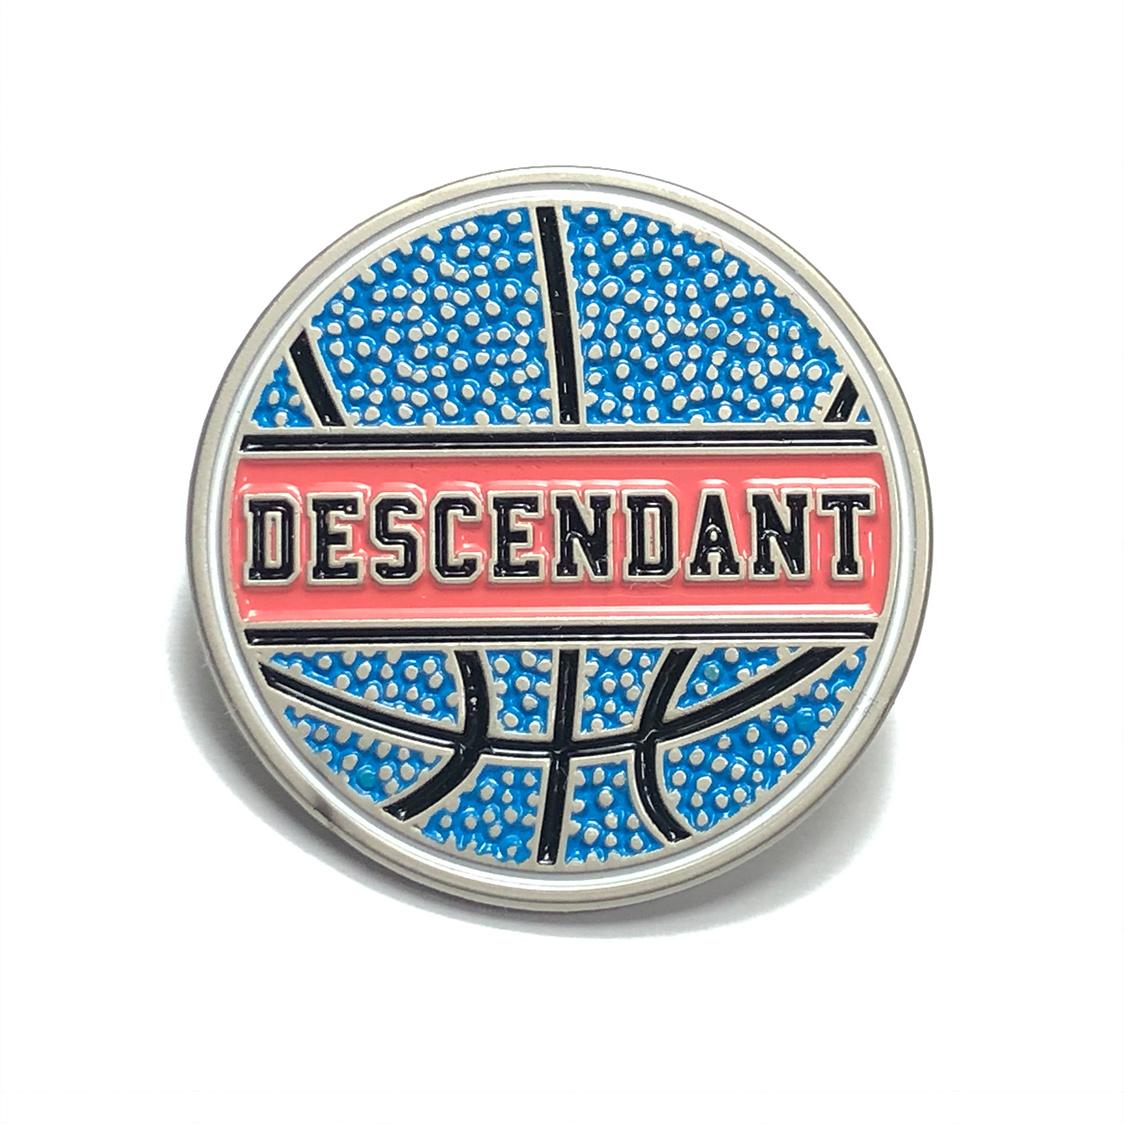 DESCENDANT ディセンダント バスケットボール ピンバッジ PINS / WTAPS ダブルタップス